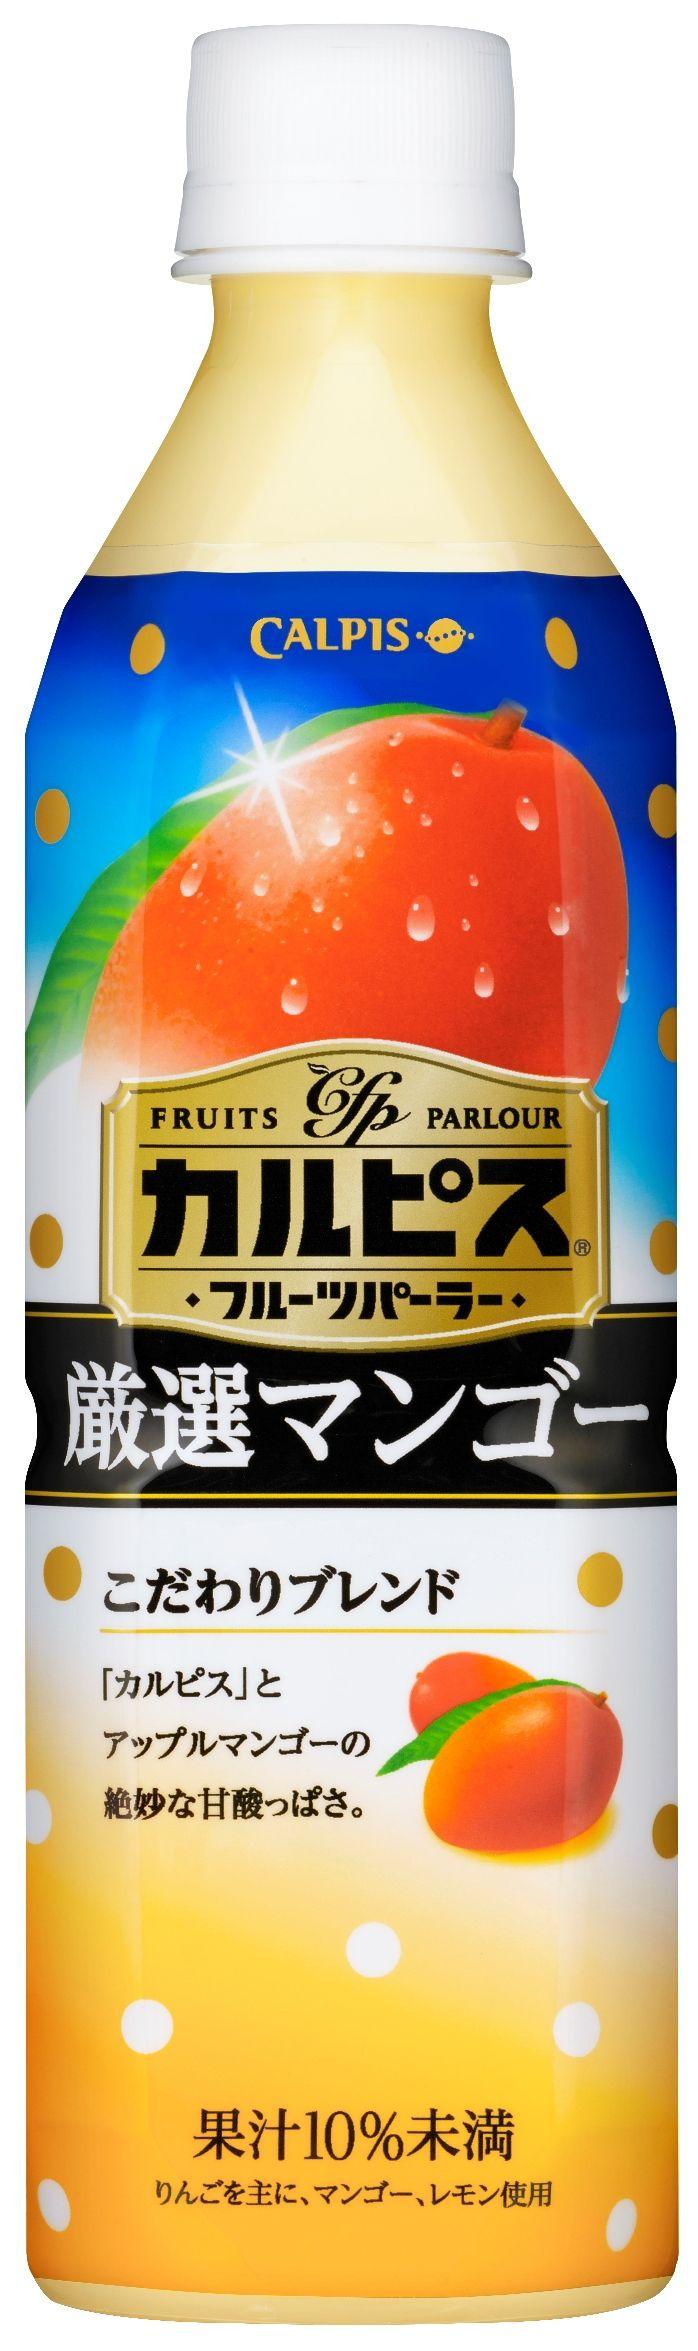 「カルピス(R)フルーツパーラー」<厳選マンゴー>